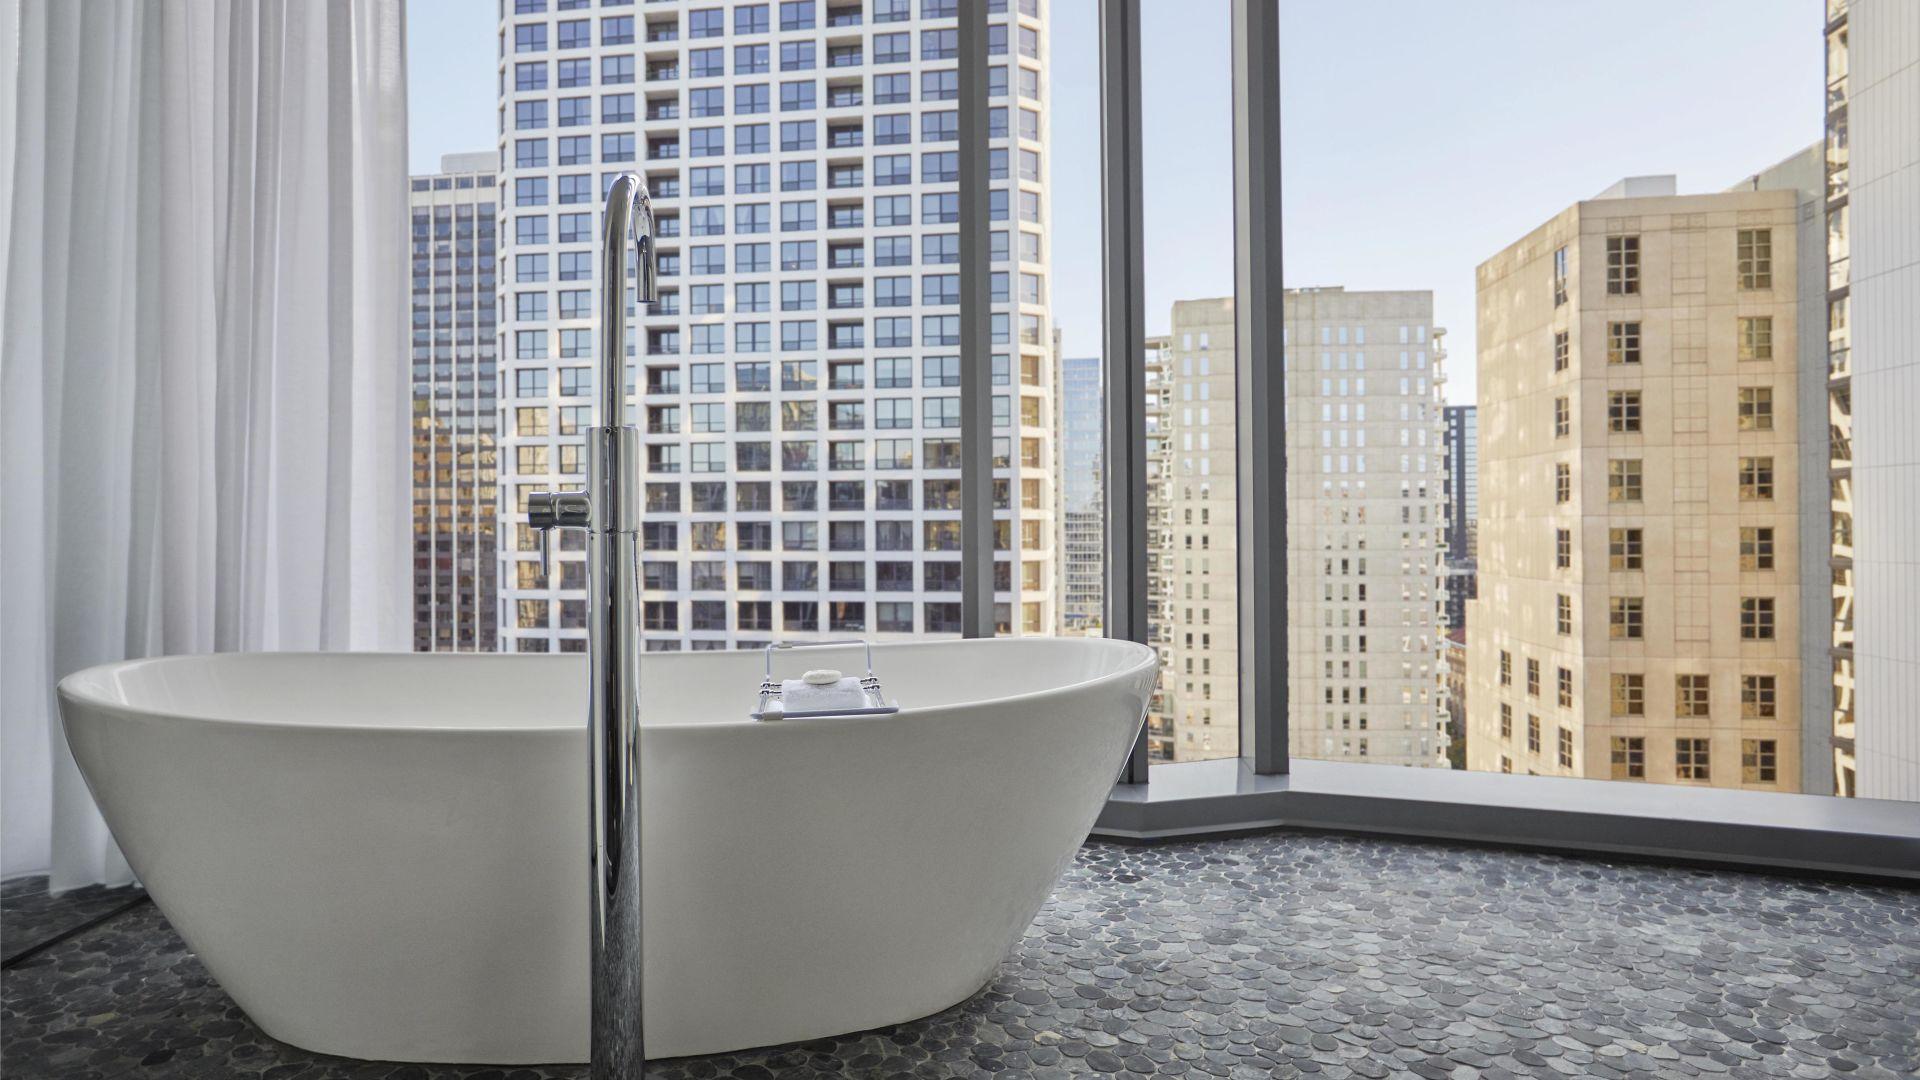 Best bathtub hotel Chicago